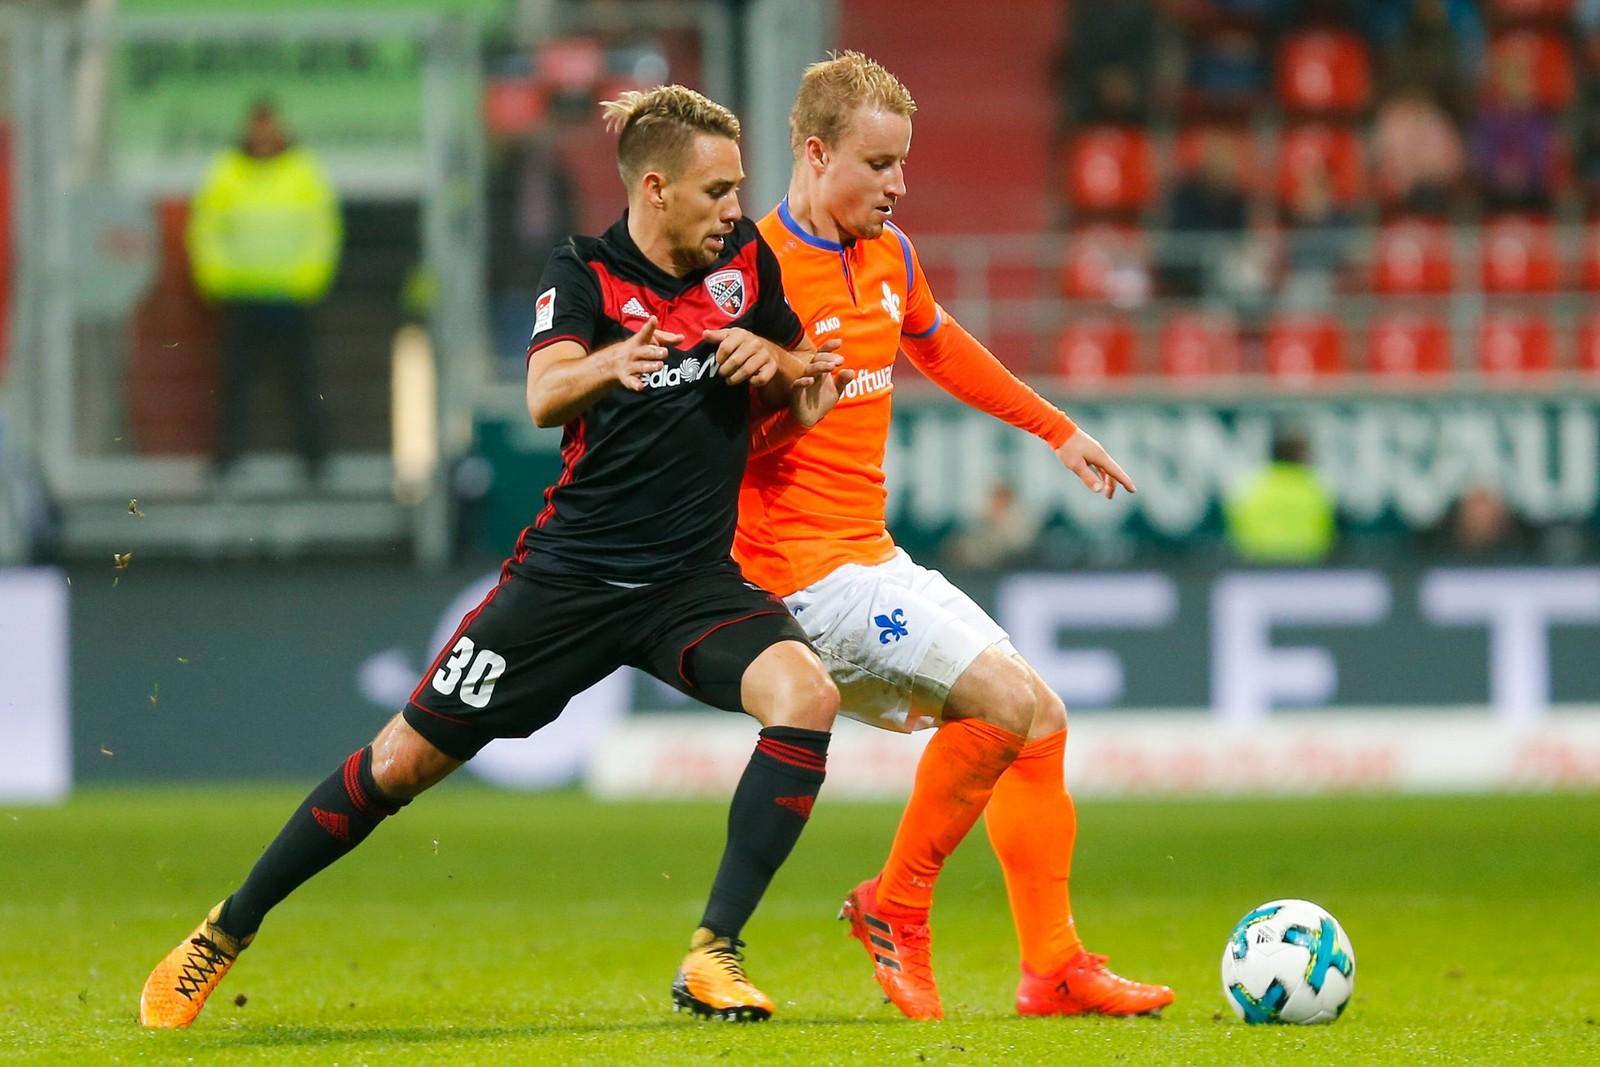 Thomas Pledl vom FC Ingolstadt gegen Fabian Holland von Darmstadt 98